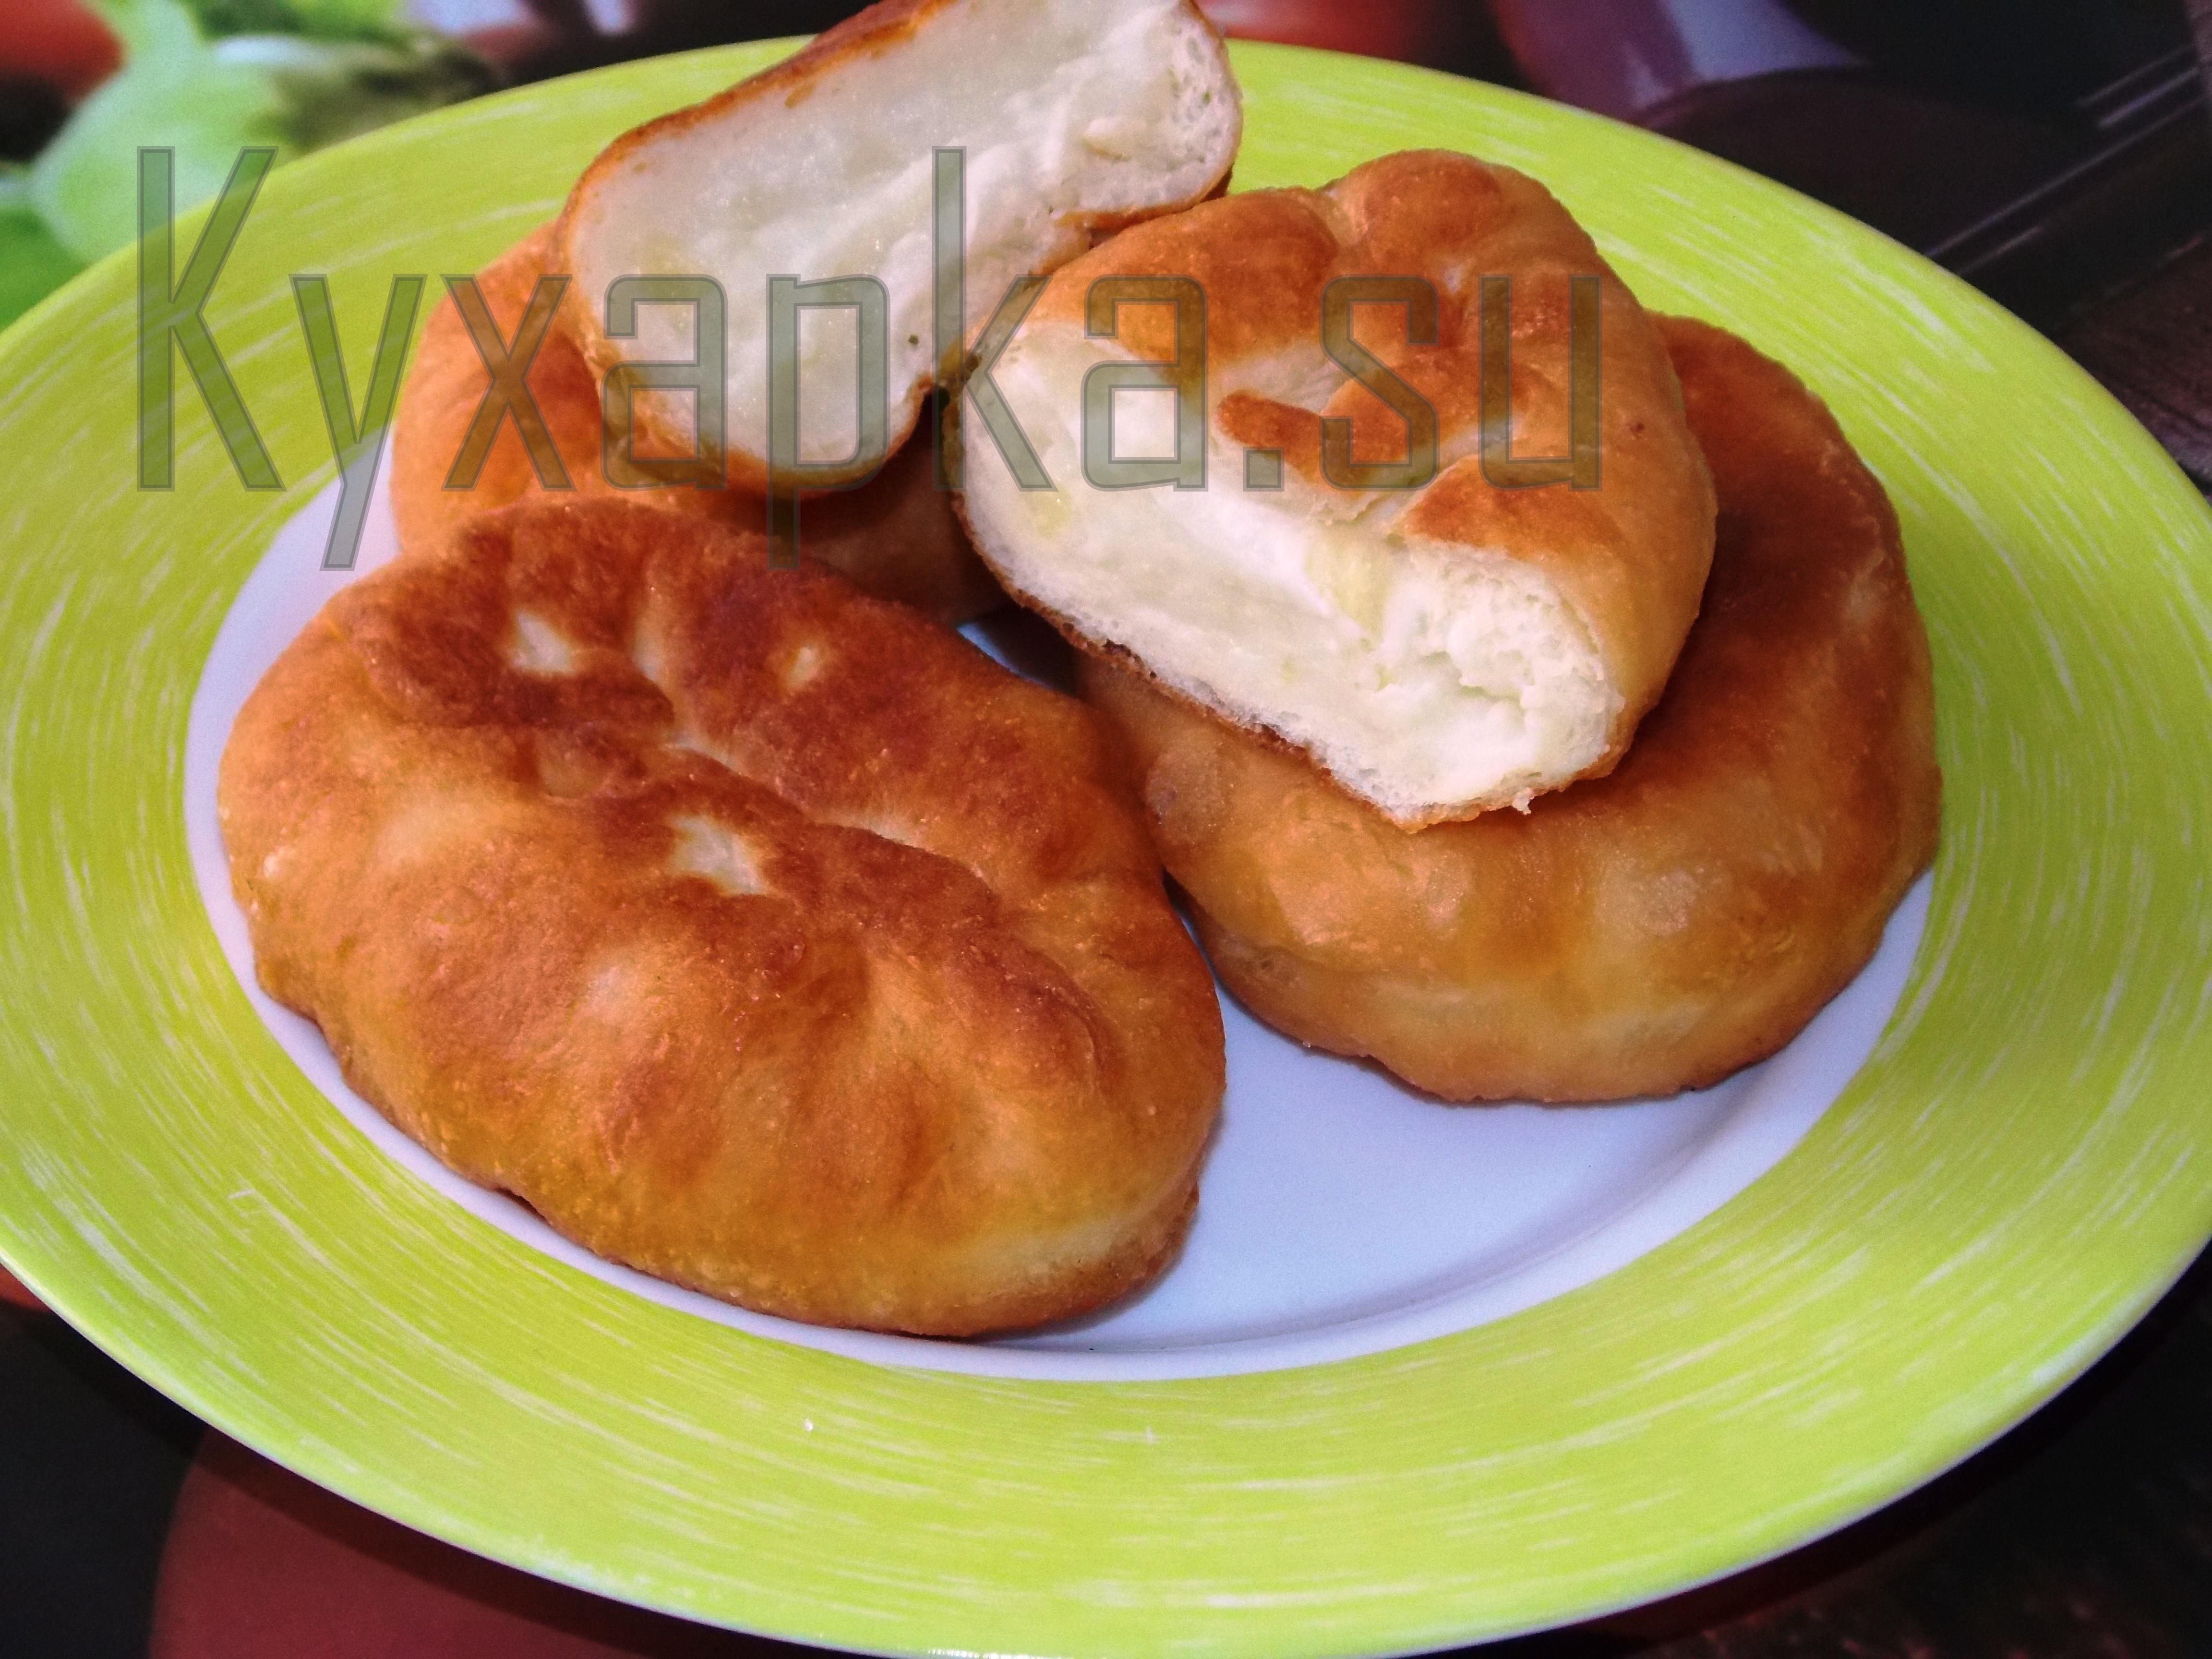 Жареные пирожки с картошкой фото kyxapka.su